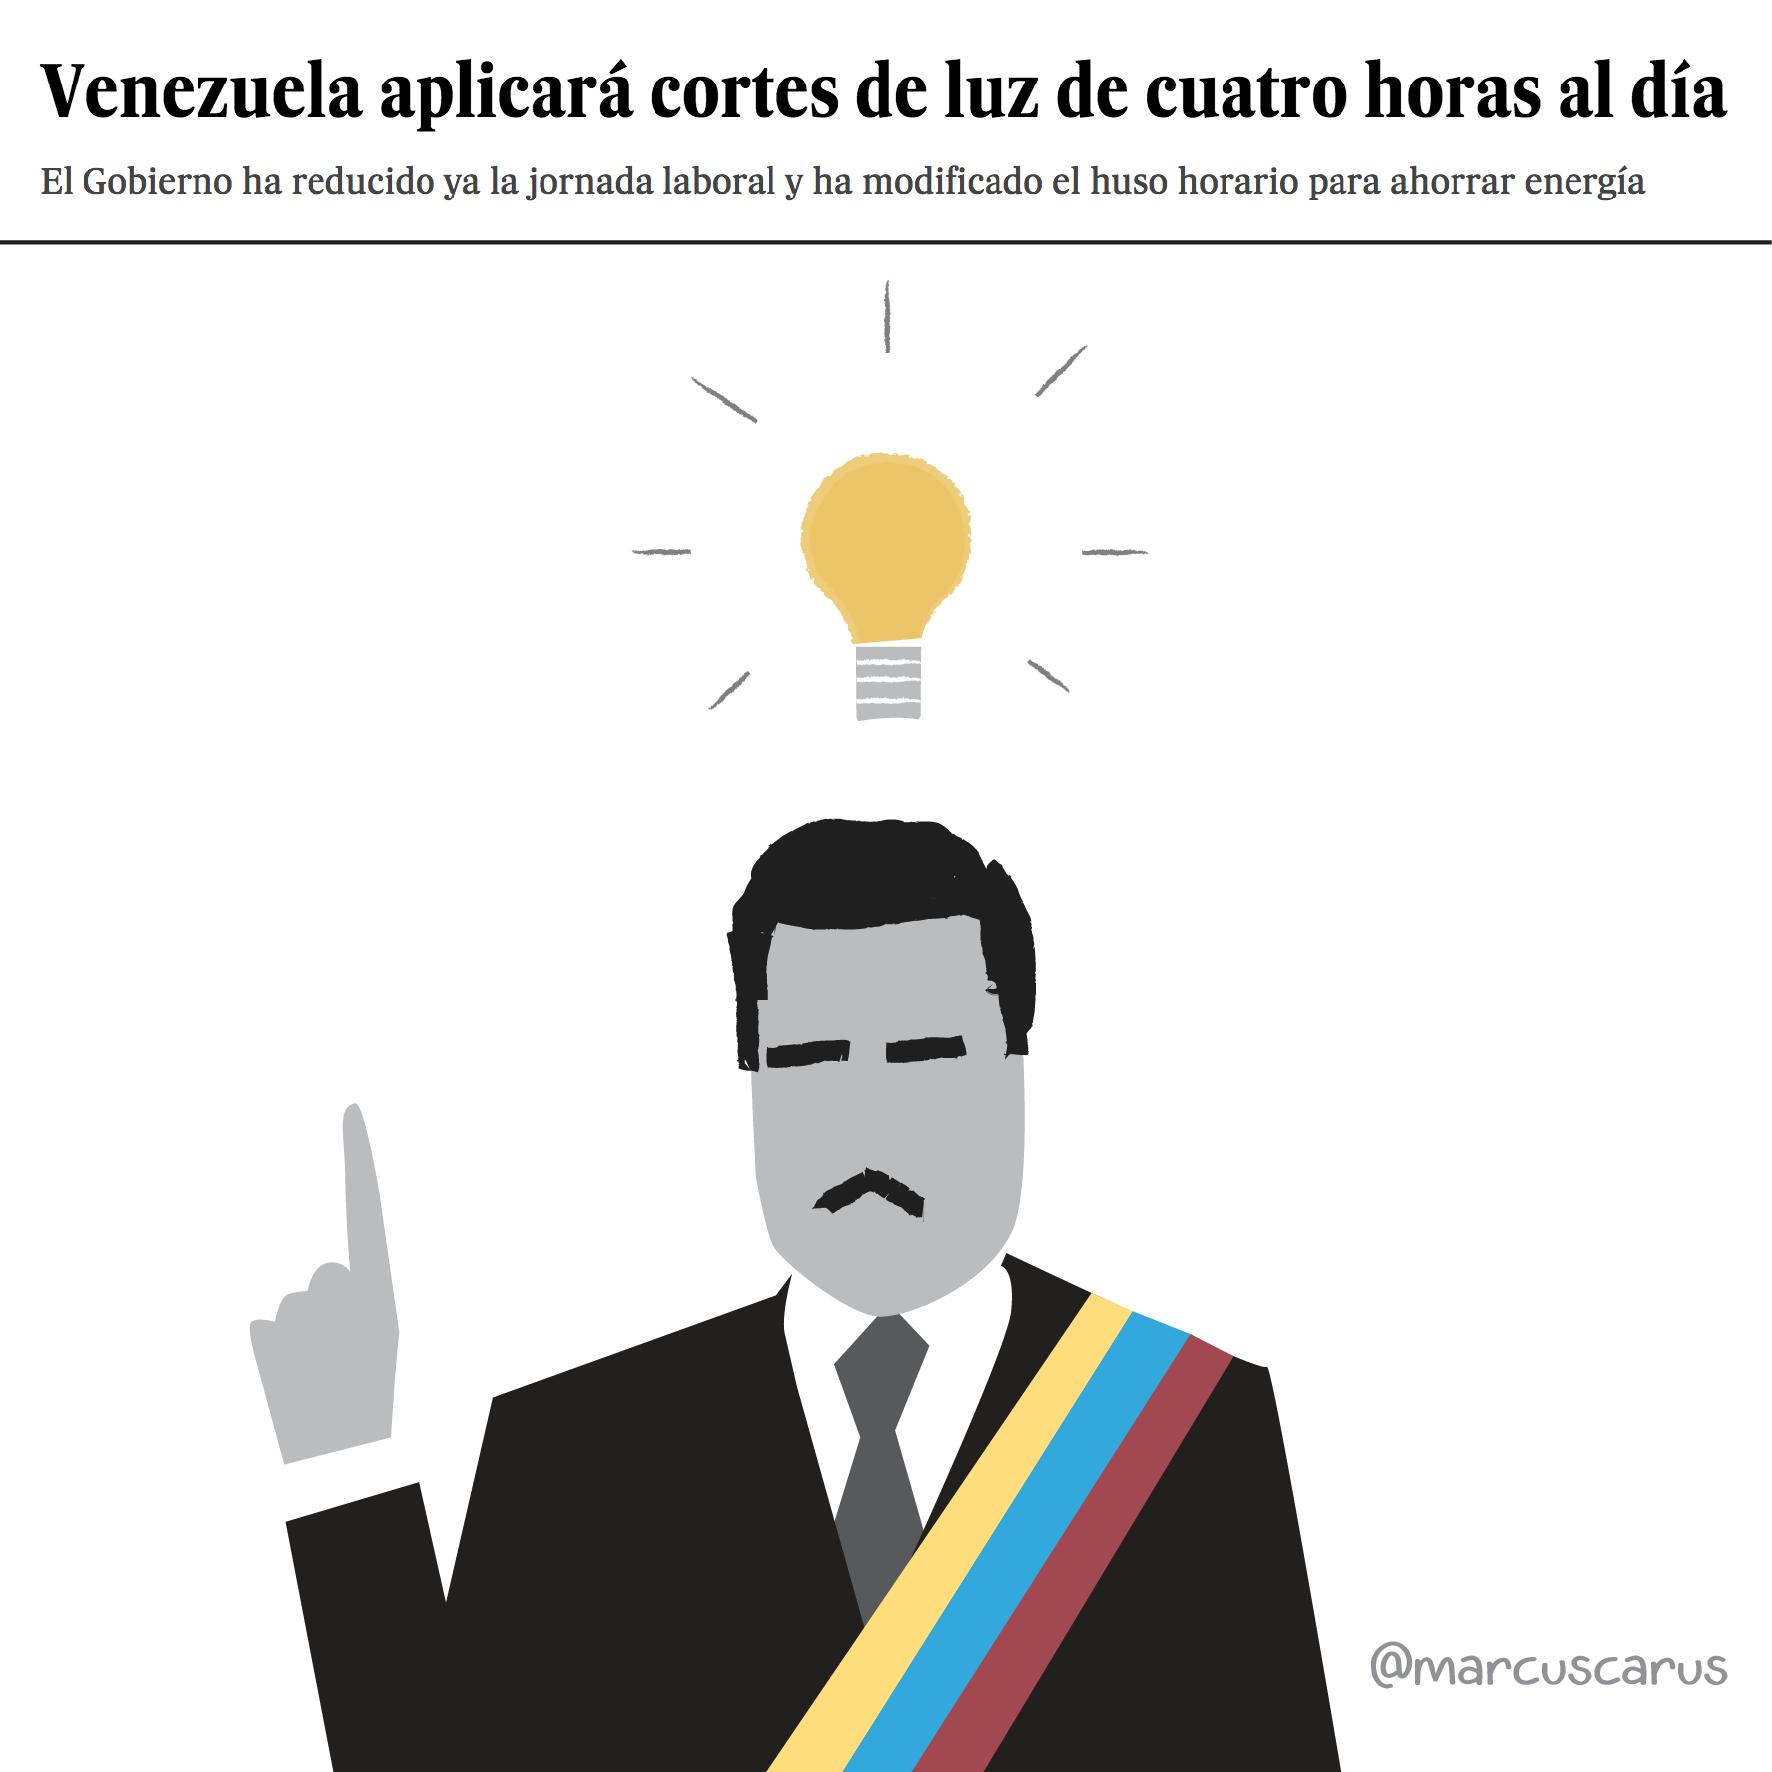 Venezuela nicolás Maduro artículo prensa electricidad cortes huso horario crisis metáfora visual noticia corte luz rajoy